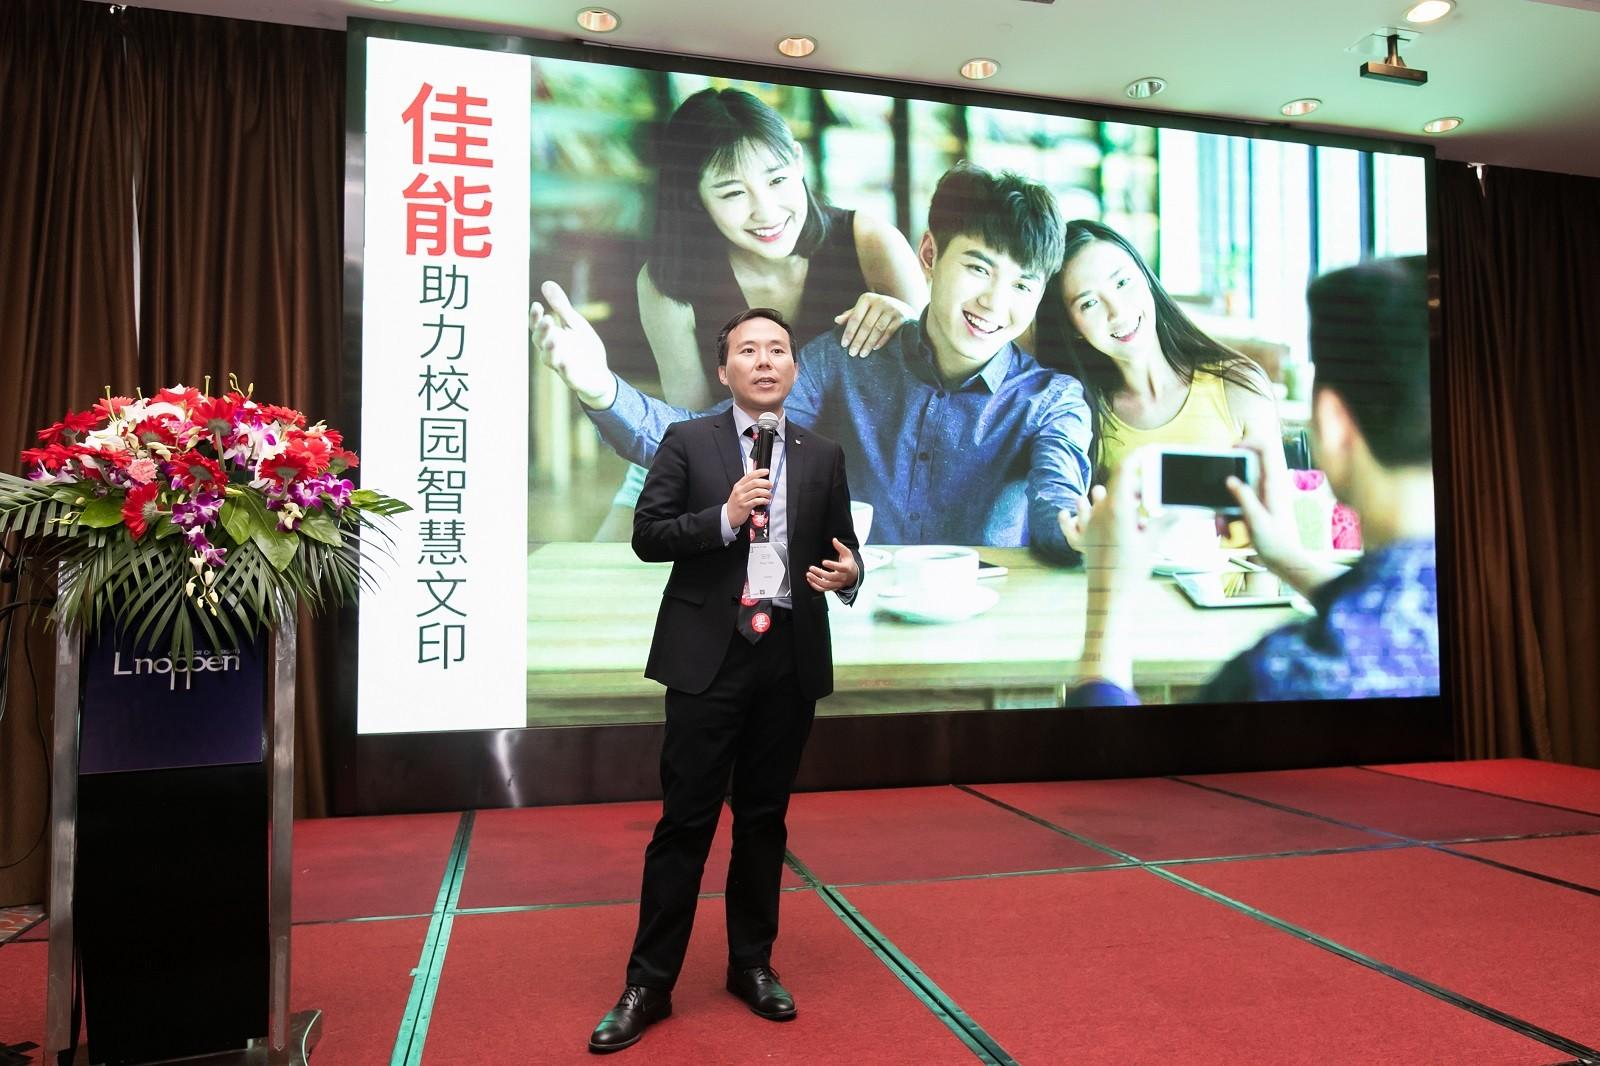 佳能(中国)商务影像方案企业解决方案市场部田宇经理发表演讲.jpg